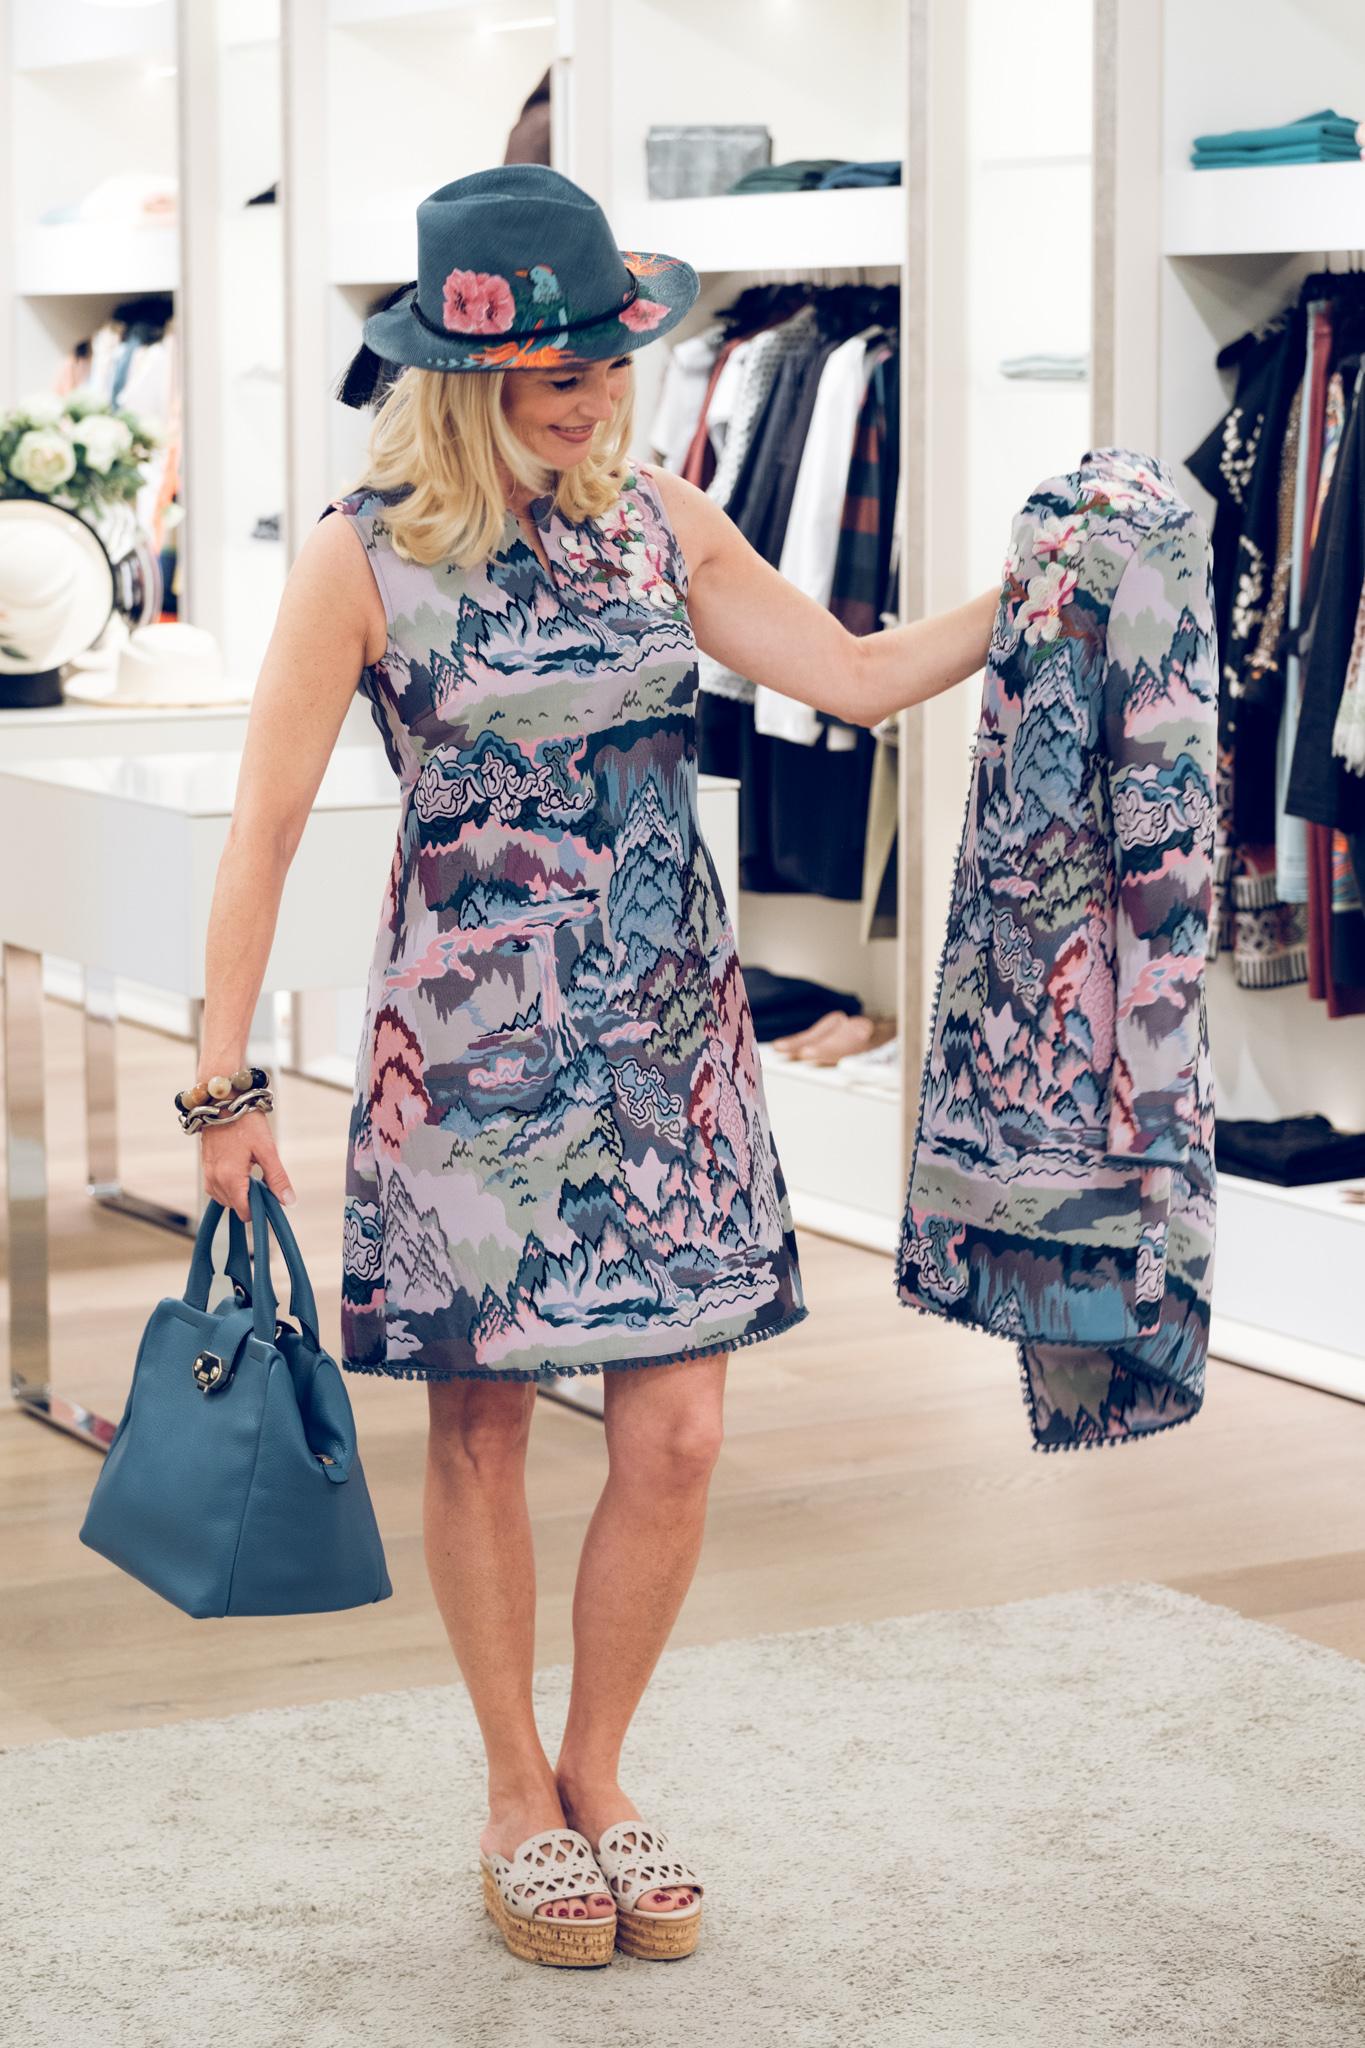 Hetkamp Raesfeld, Kleid mit passendem Mantel All Yours by Barbara Schwarzer, Tasche blau Armani Collezioni, Unützer Plateau Schuhe,